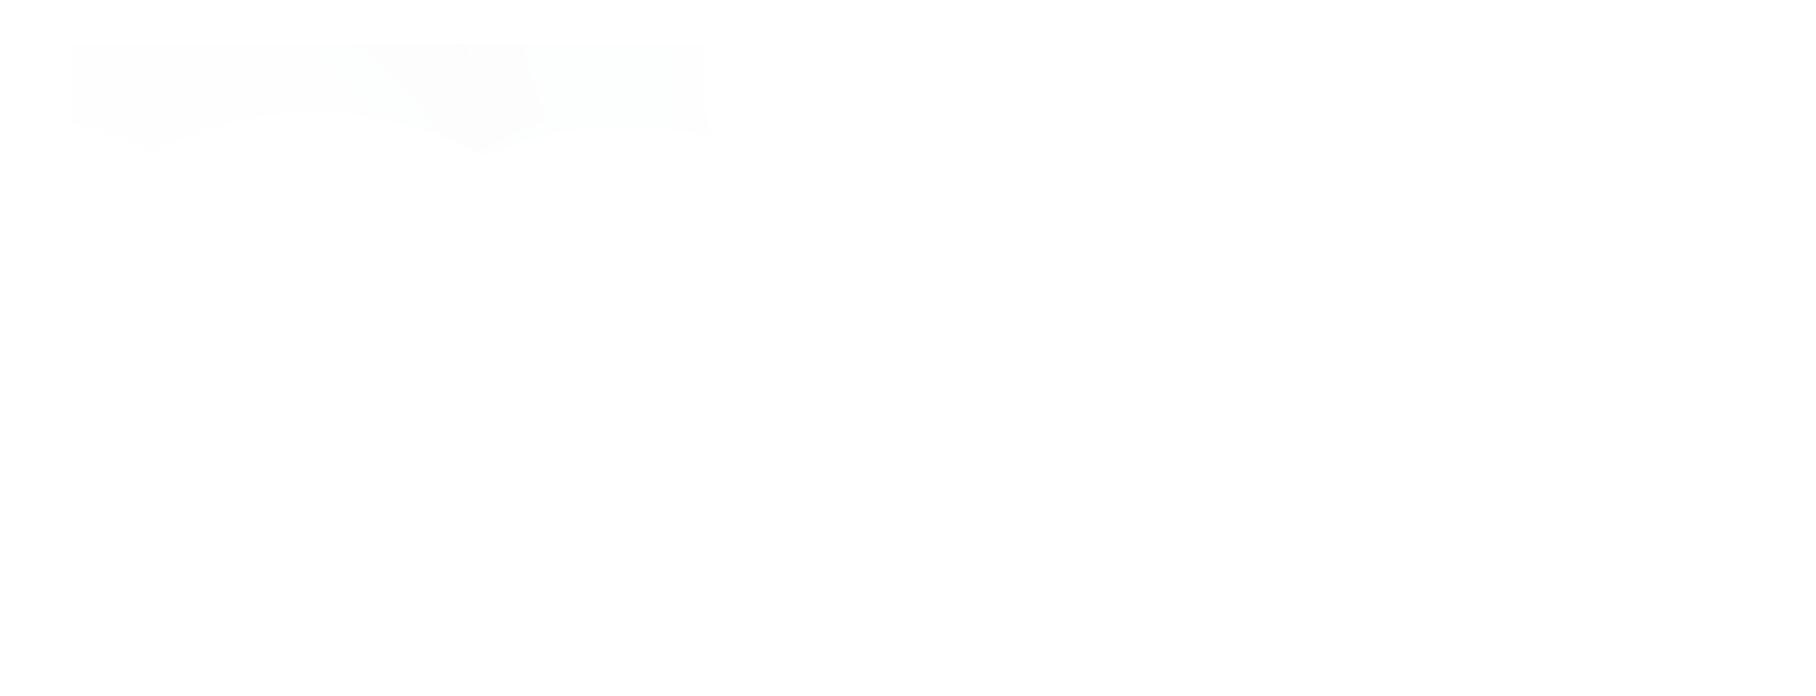 kit-share